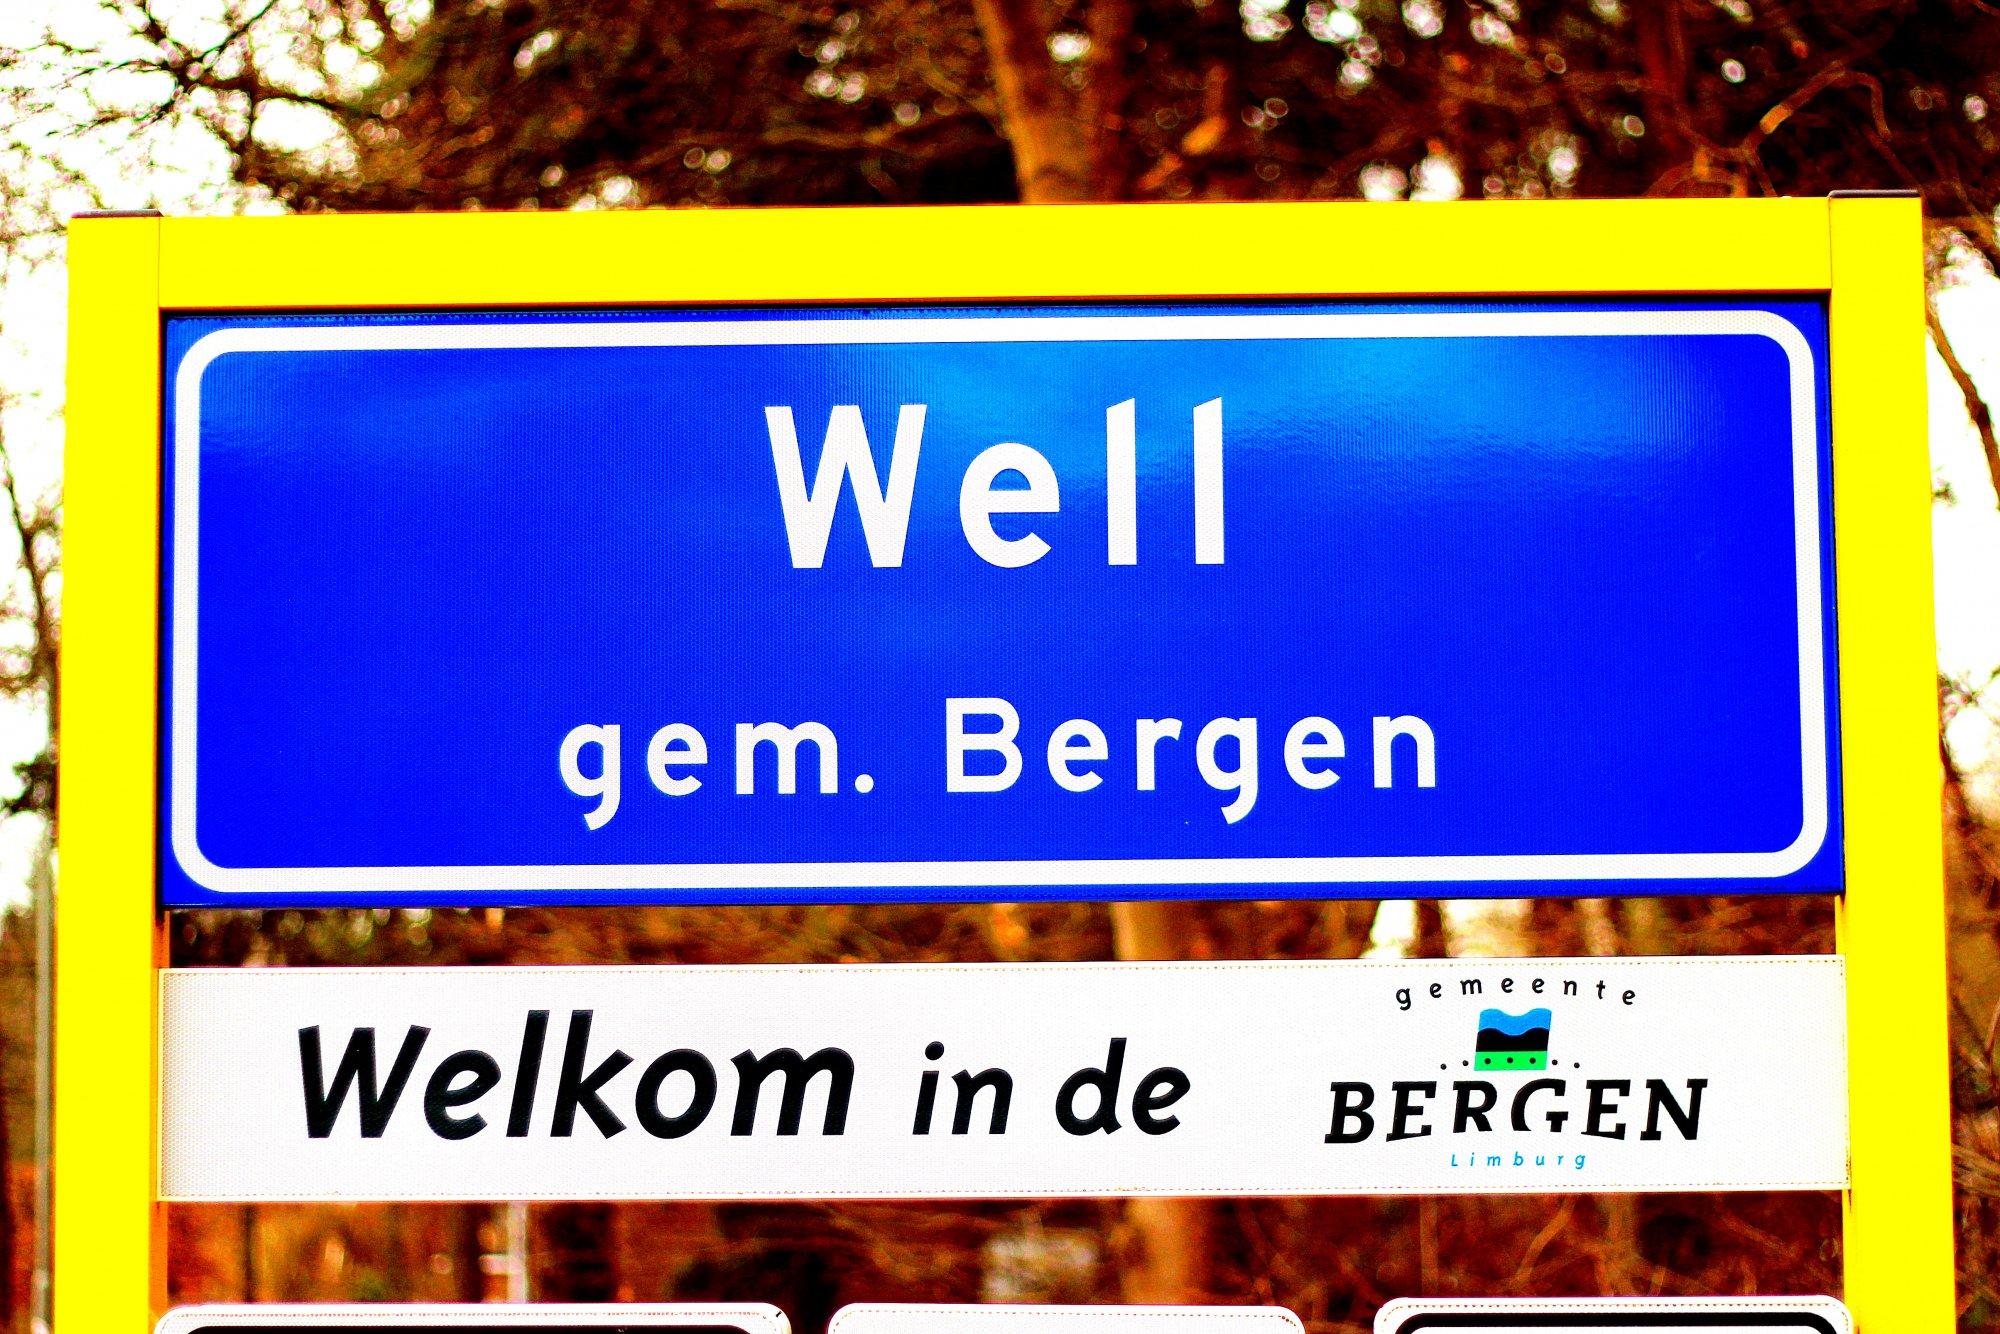 Provincie bekijkt veiligheid N271 bij Well - L1